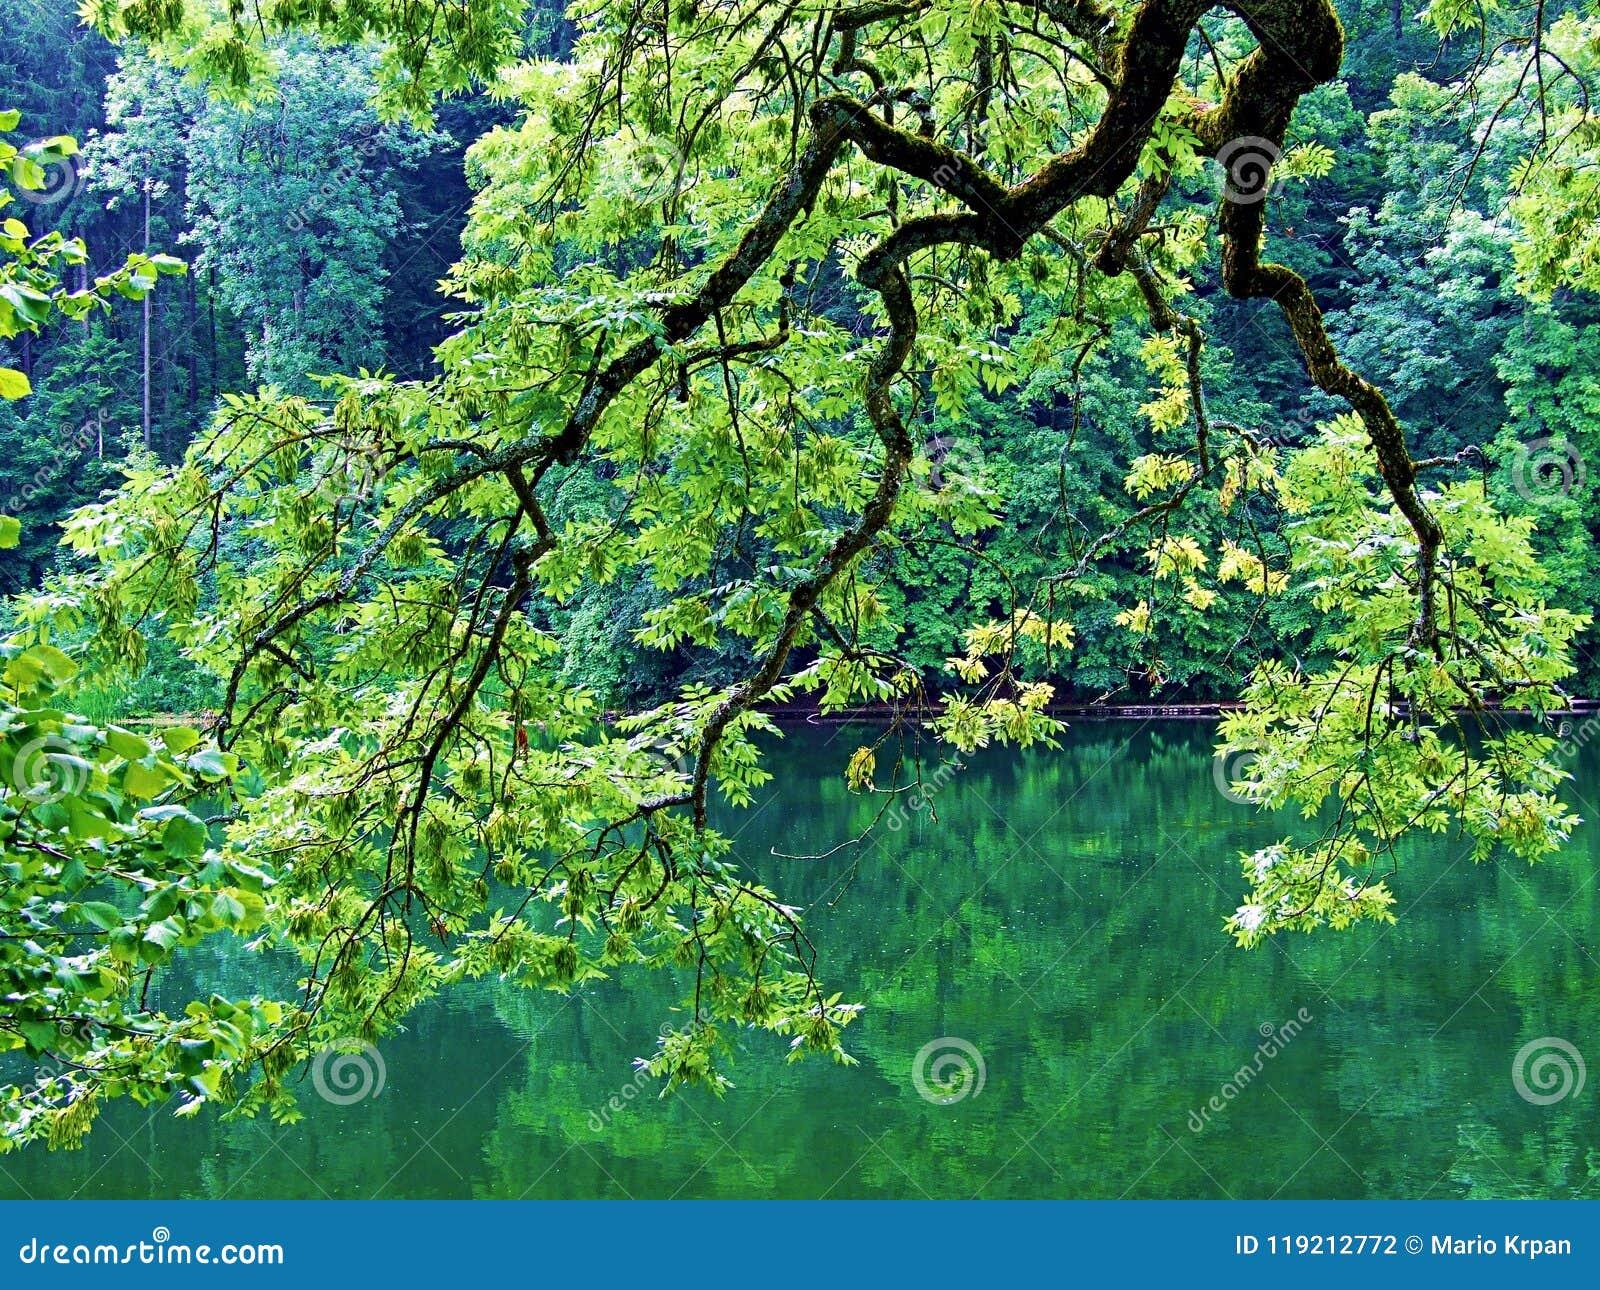 Rbol naturaleza verde rboles bosque primavera for Arboles para plantar en verano